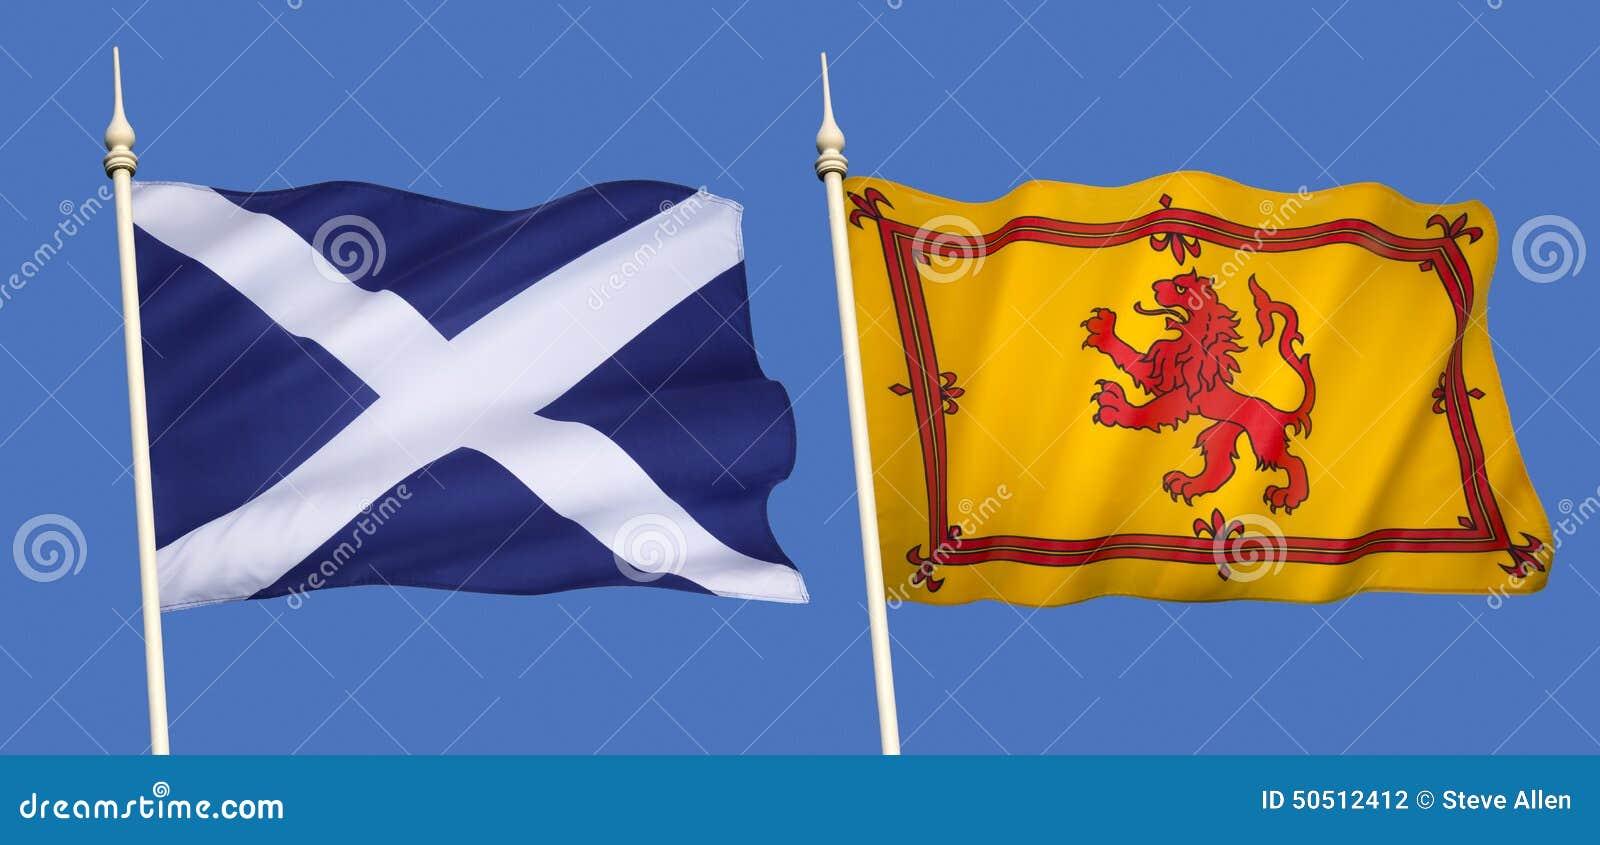 Σημαίες της Σκωτίας